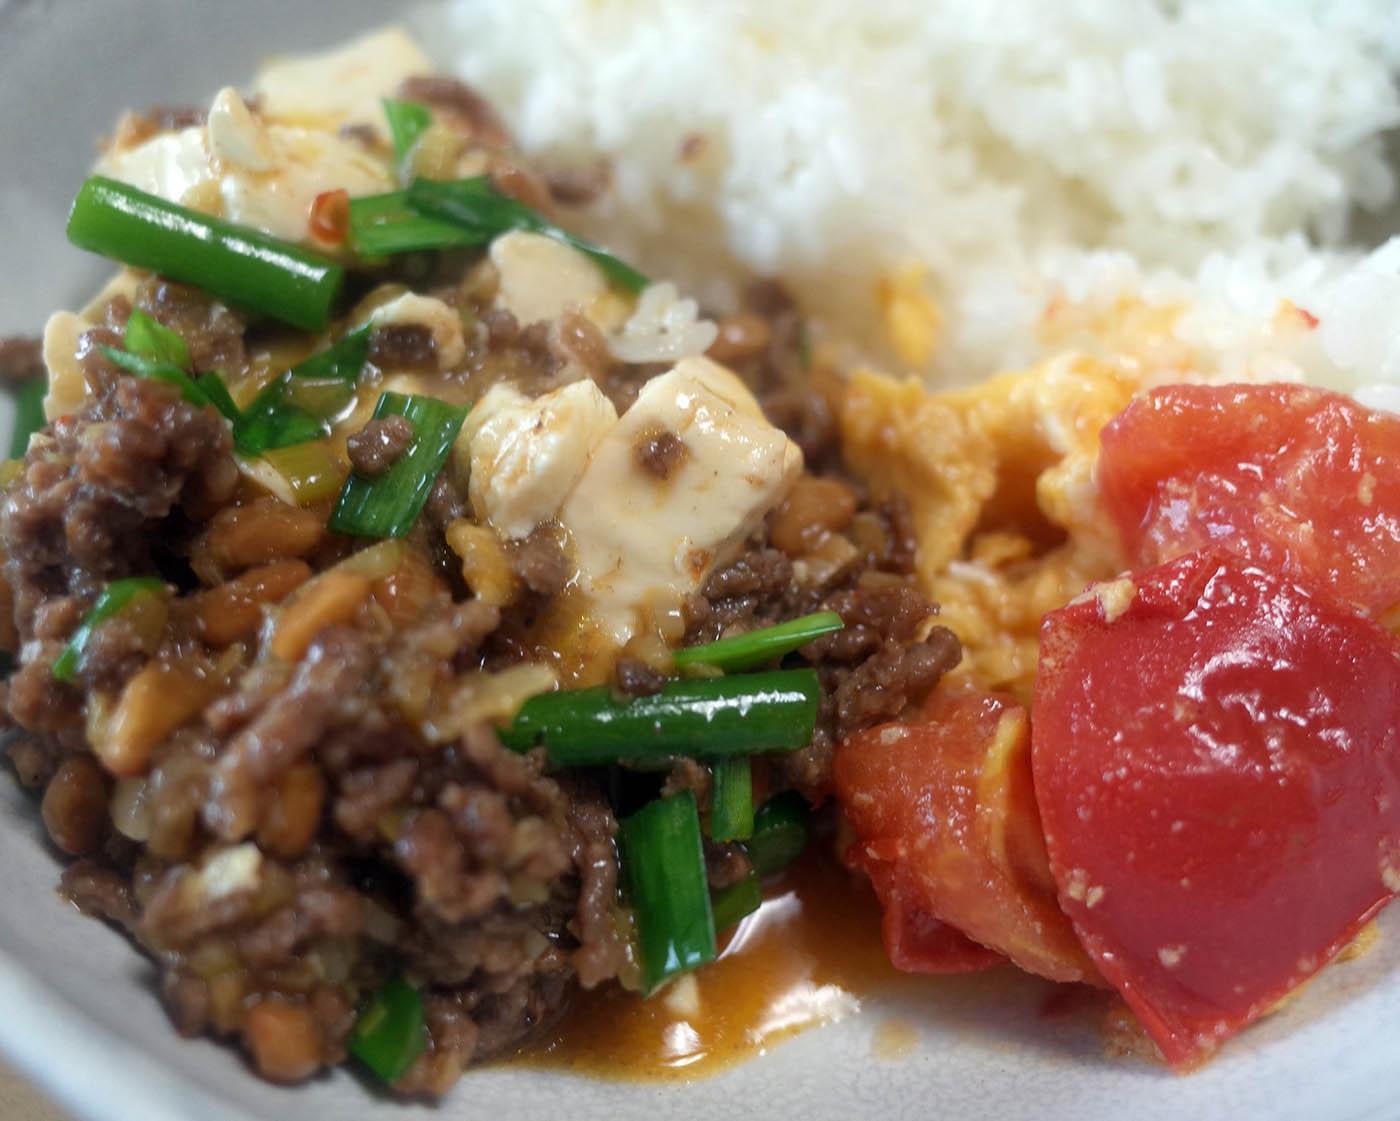 納豆麻婆豆腐と卵とトマトの中華炒め